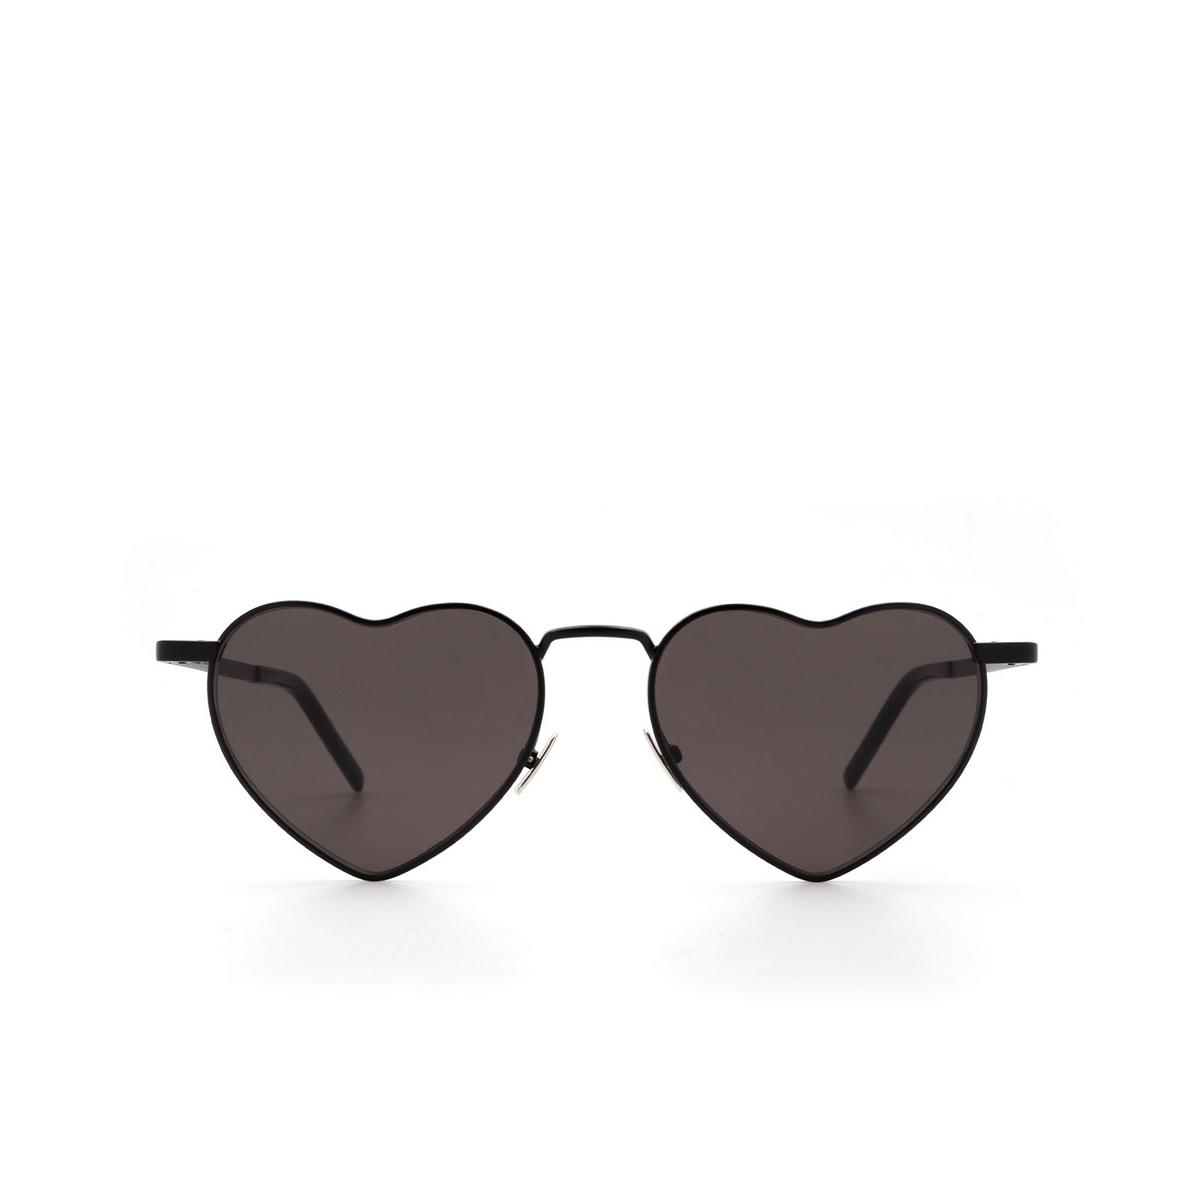 Saint Laurent® Irregular Sunglasses: Loulou SL 301 color Black 002 - front view.